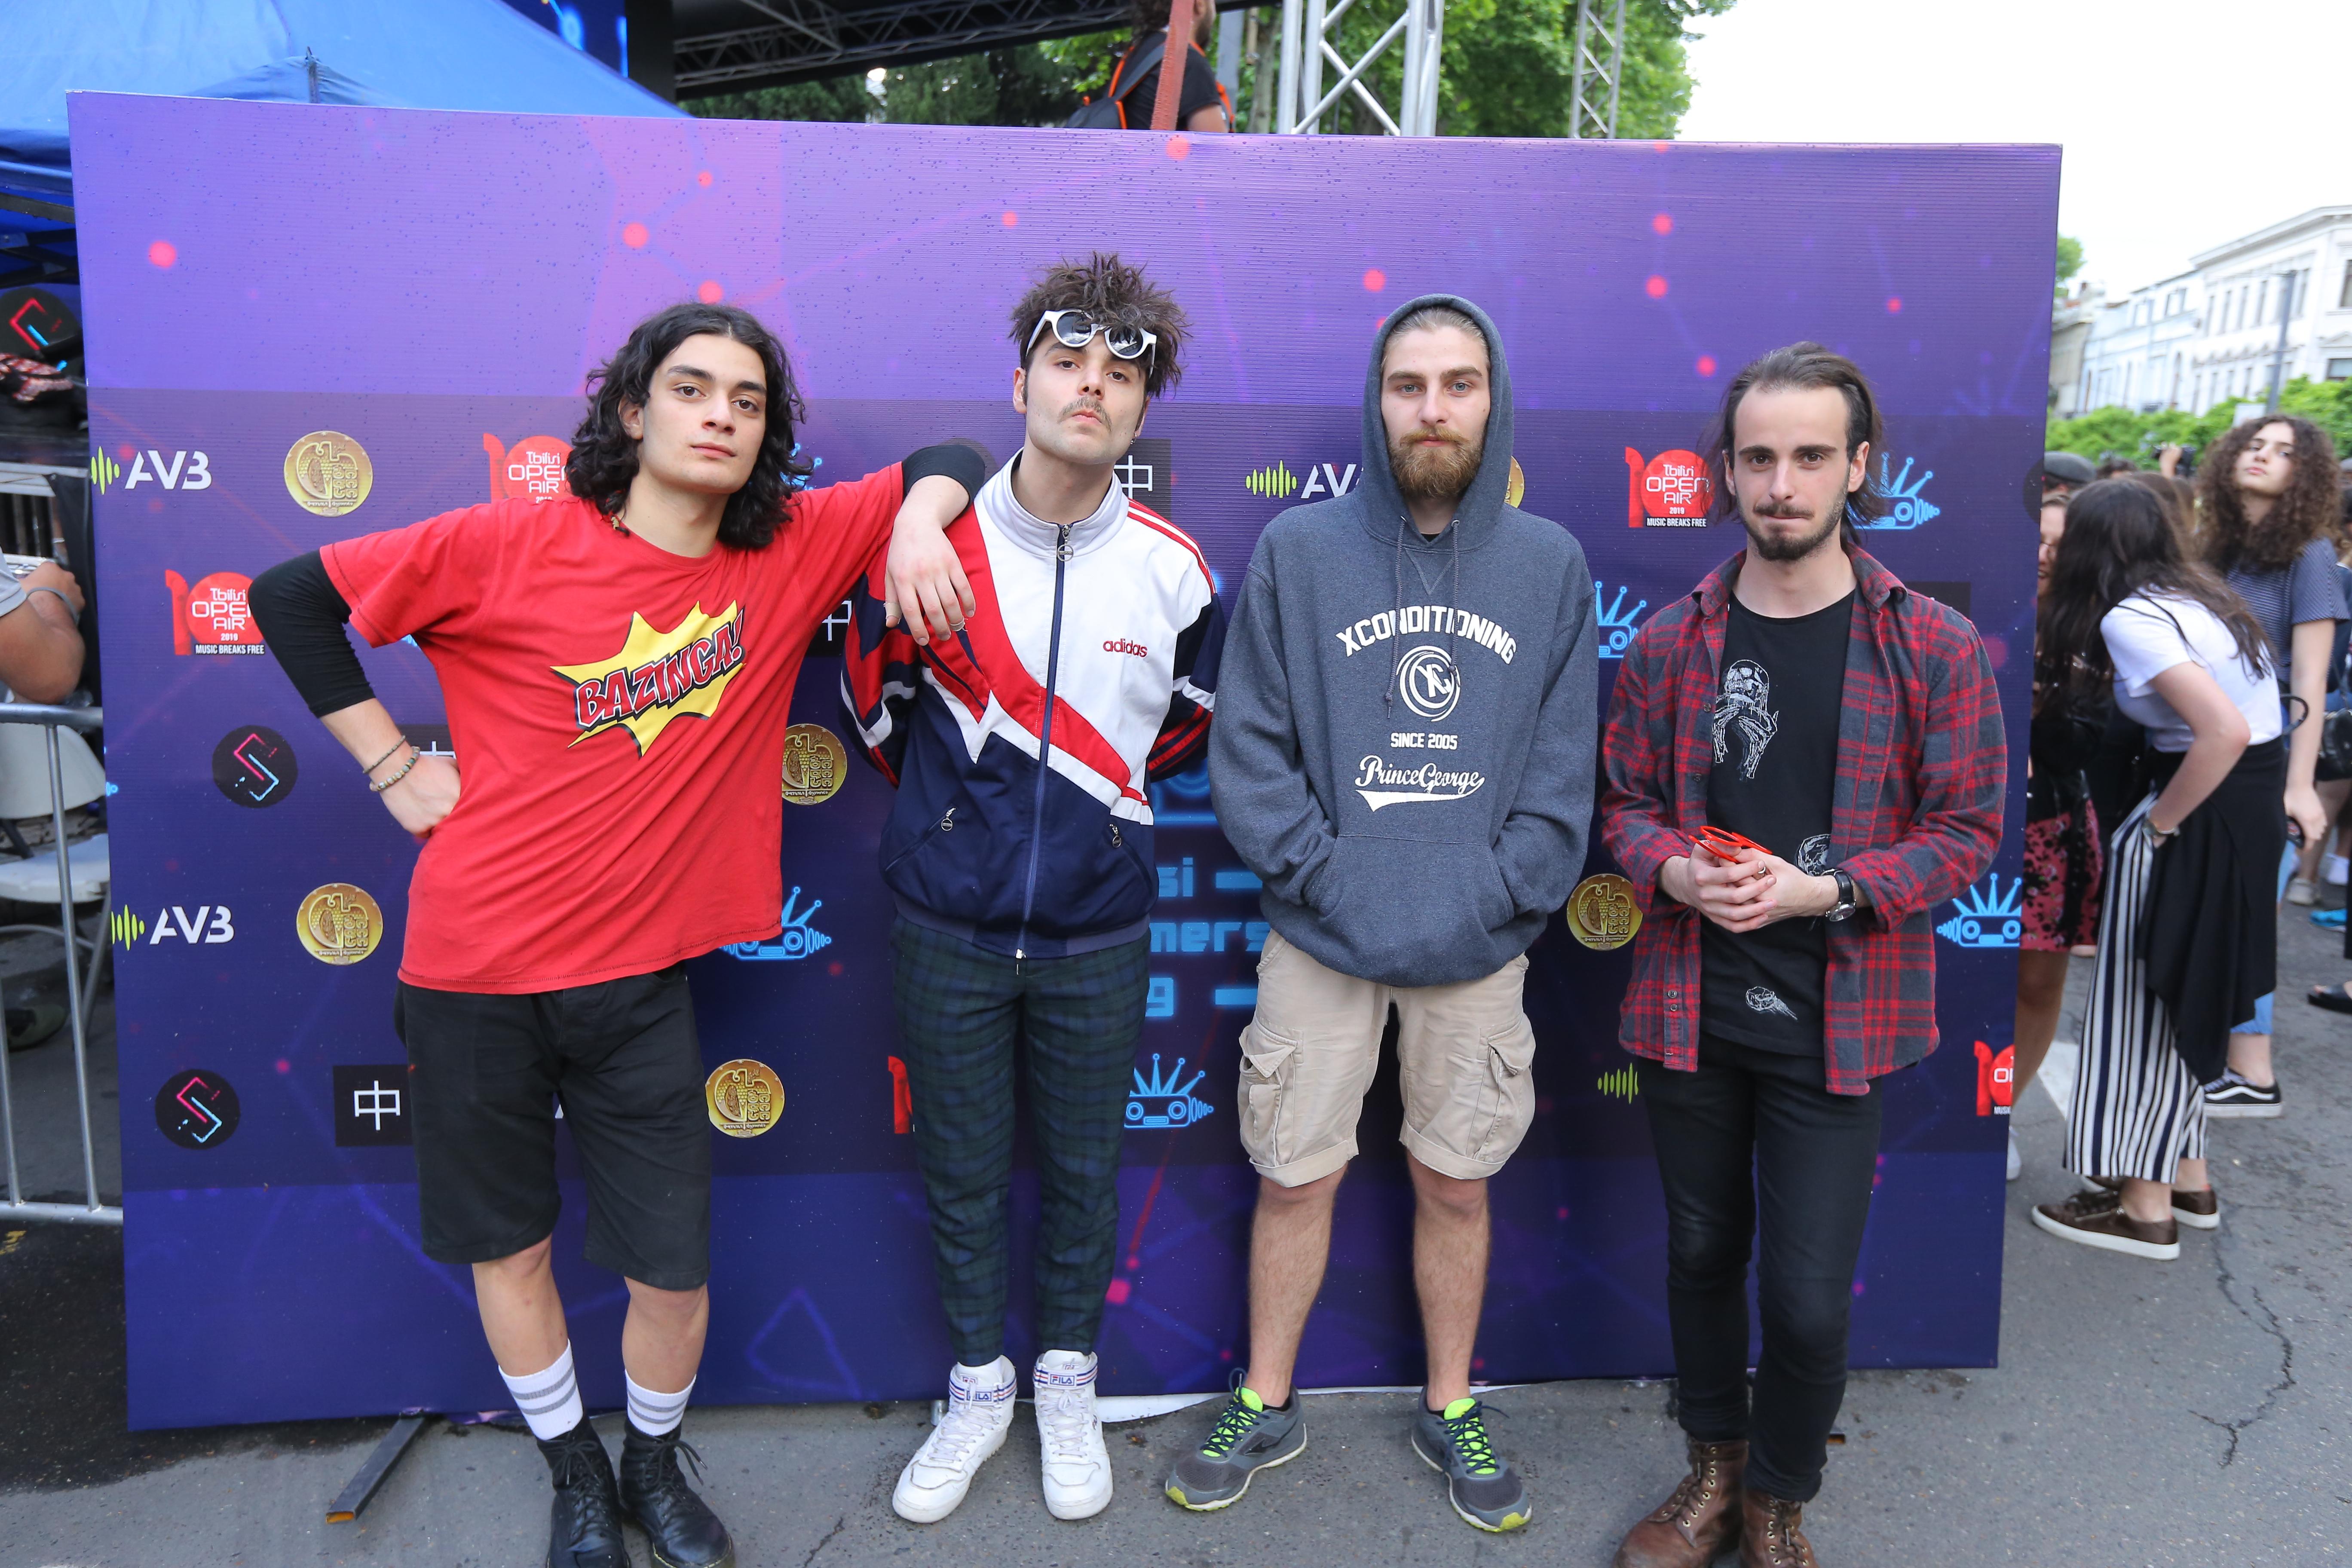 Tbilisi Newcomers 2019 წლის გამარჯვებული გამოვლინდა